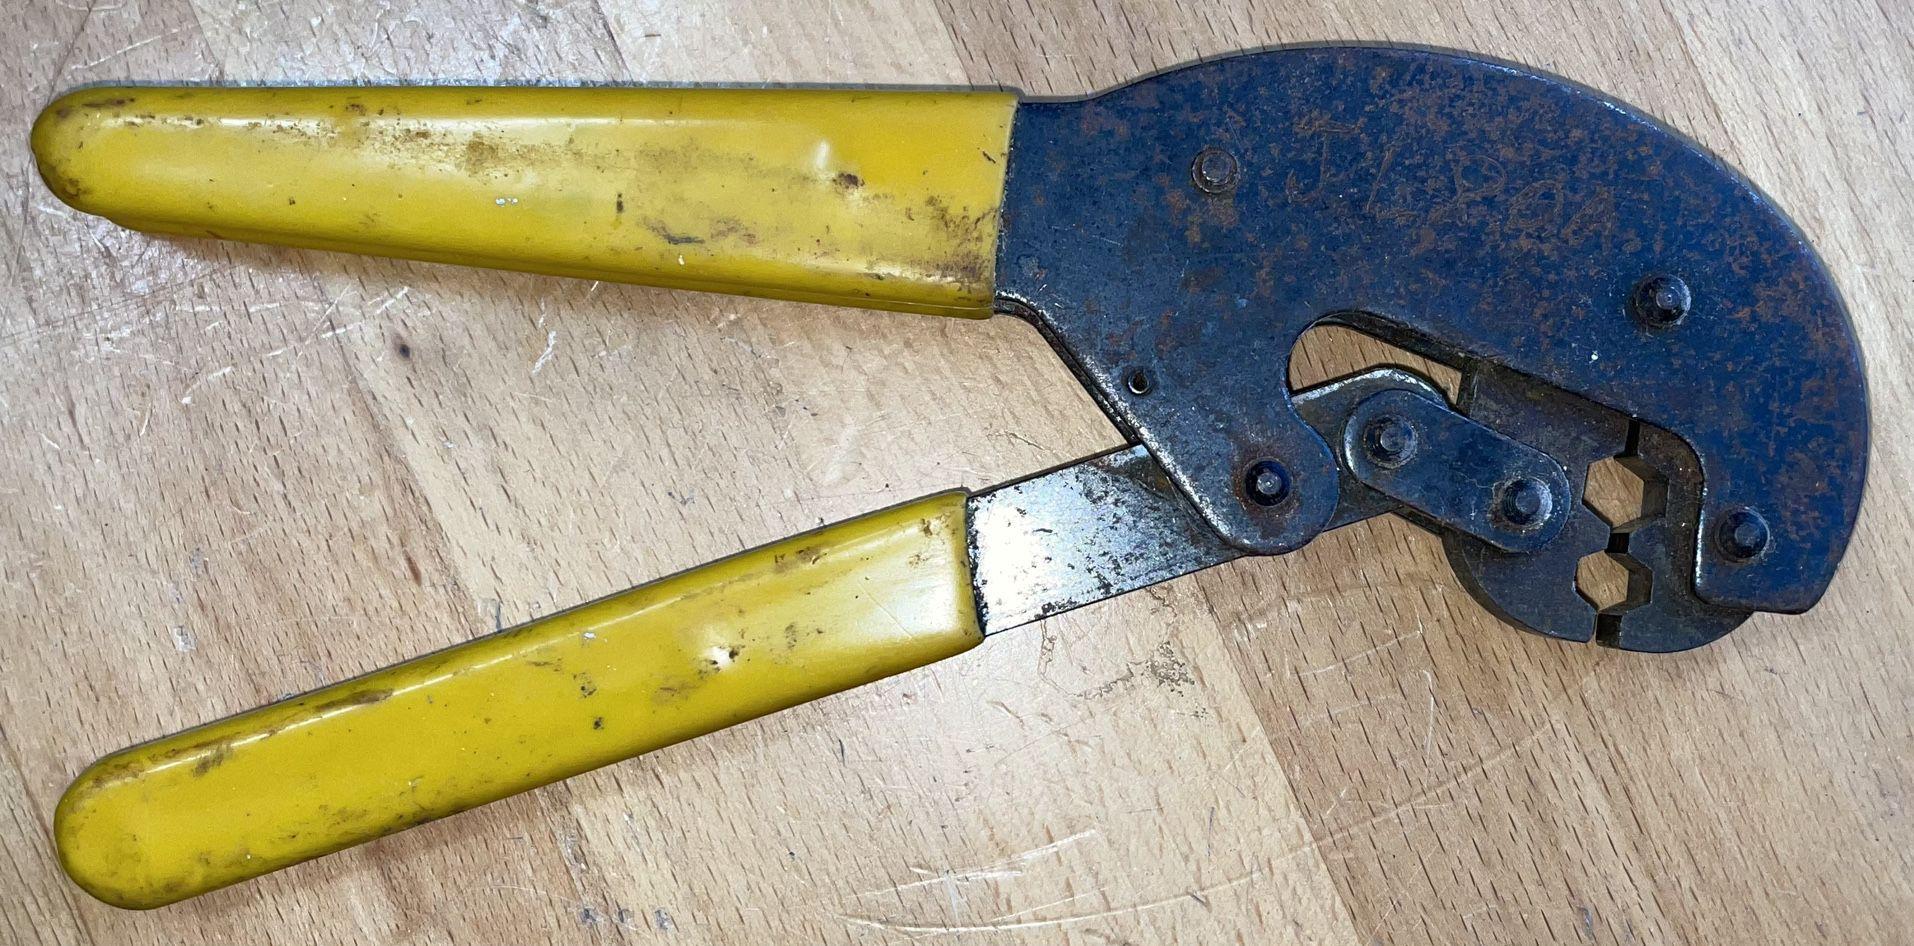 Coaxial Cable Crimper